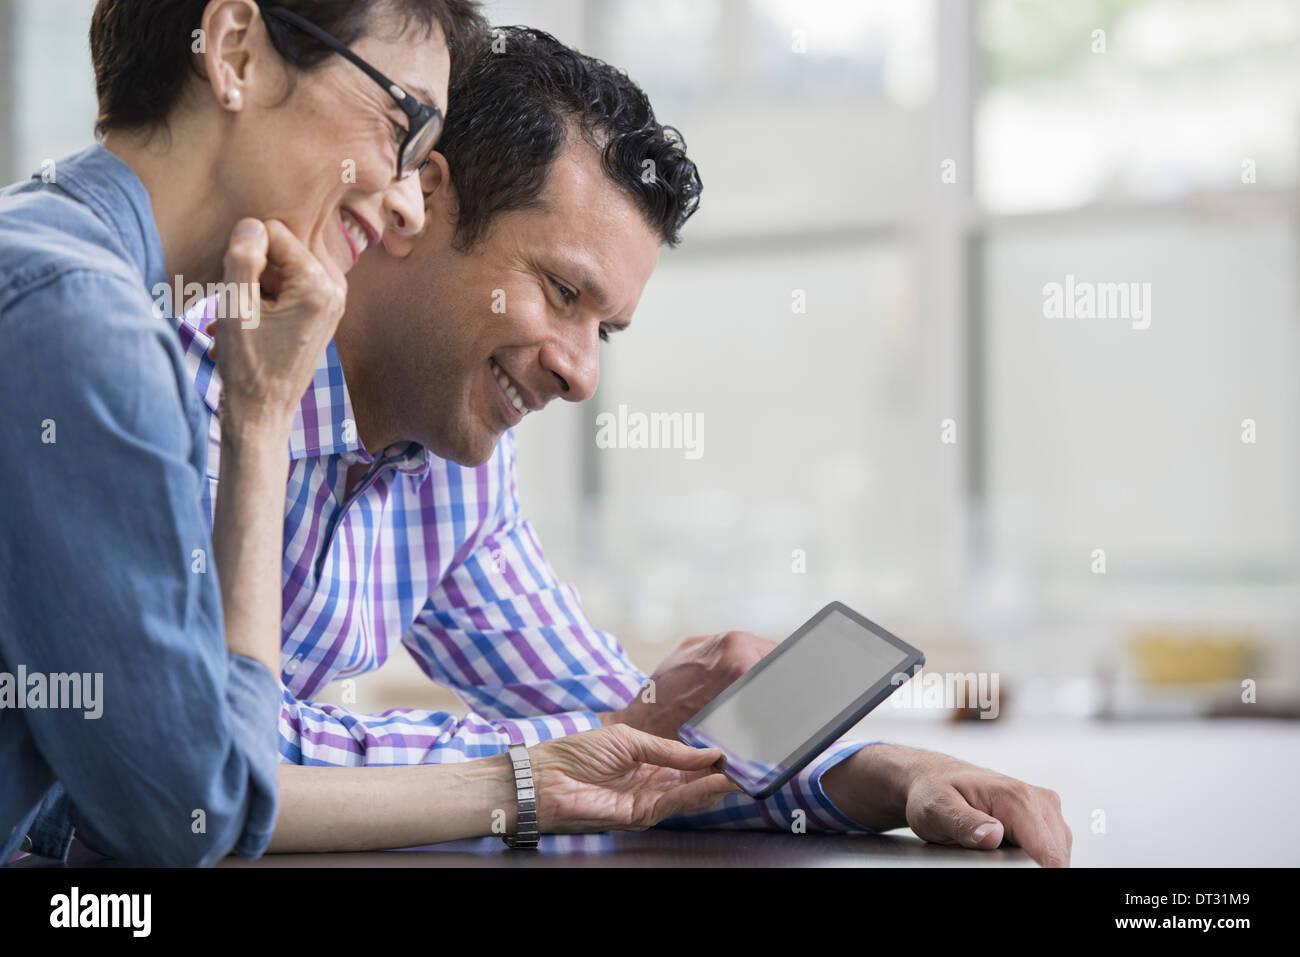 profis im b ro ein hellen und luftiger ort der arbeiten zwei personen sitzen an einem. Black Bedroom Furniture Sets. Home Design Ideas